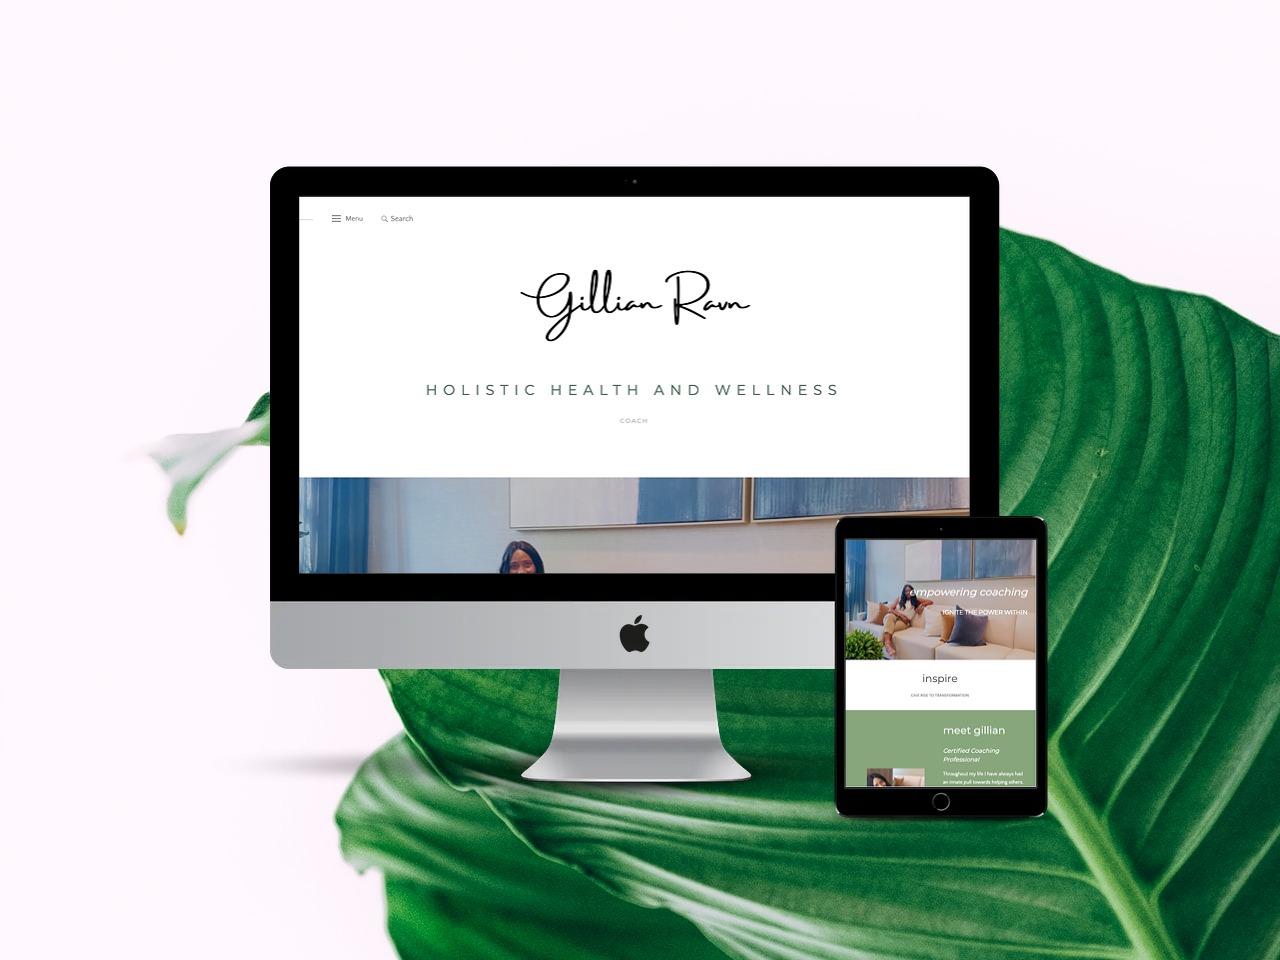 website design for wellness coach